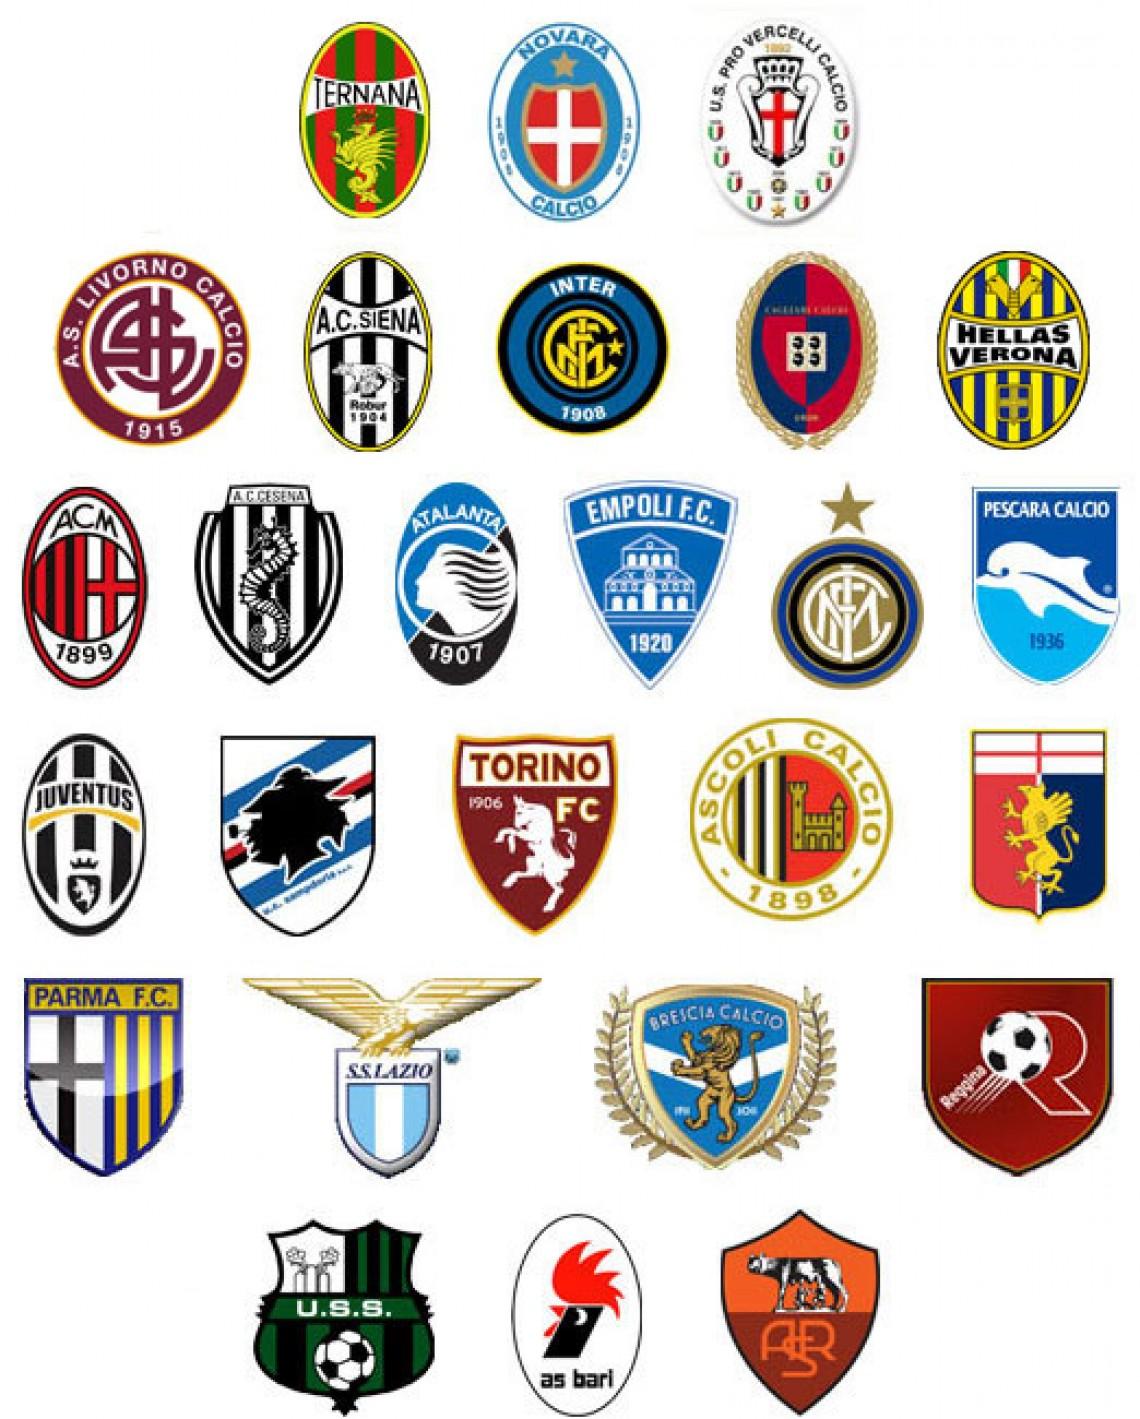 Italijanski fudbal